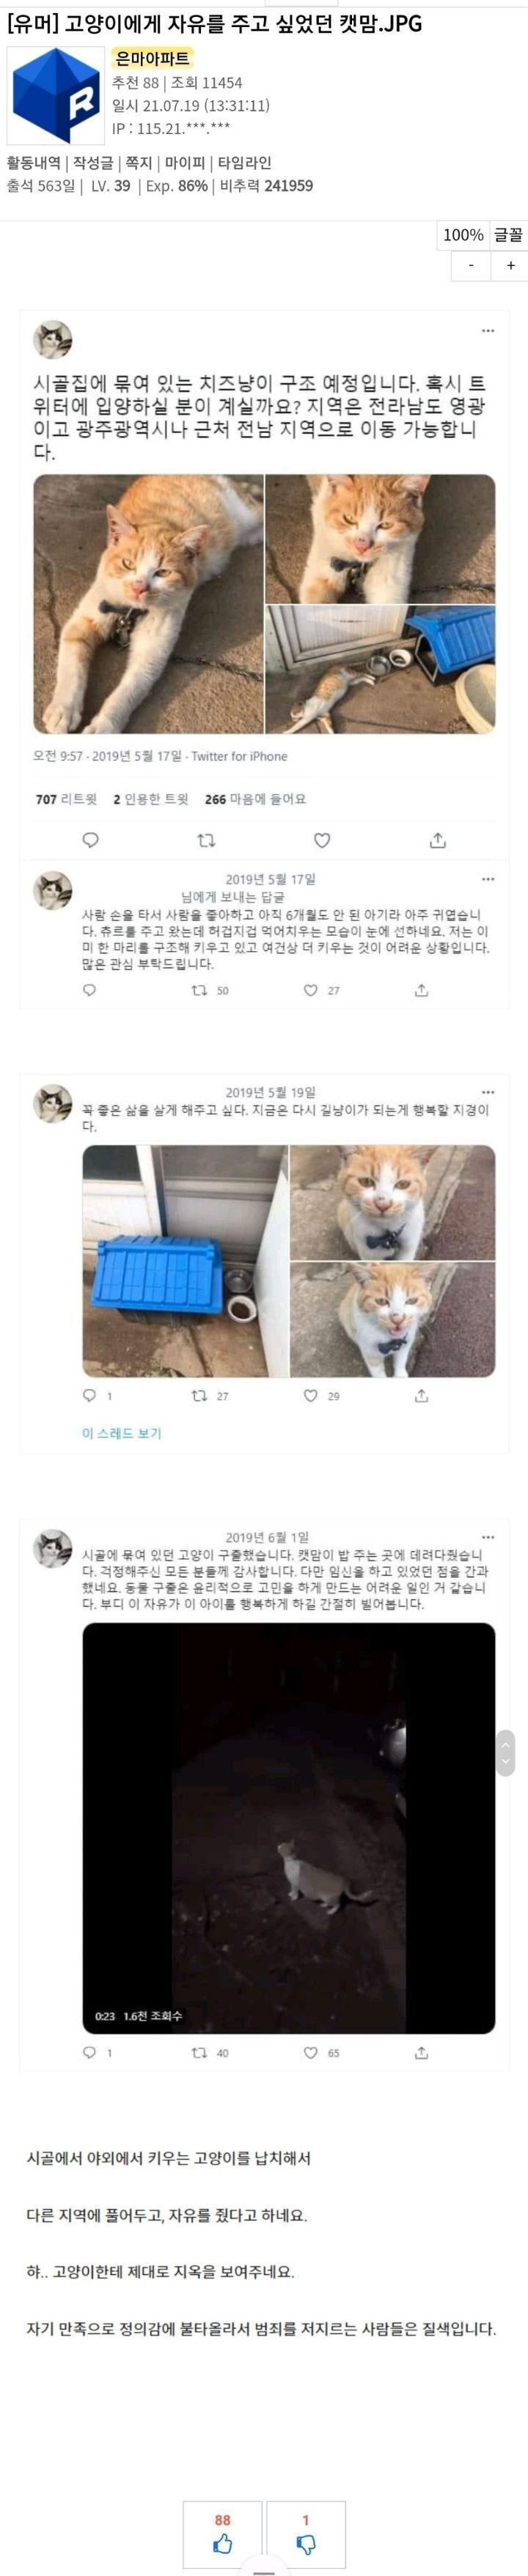 남의집 고양이에게 자유를 주고싶어 훔친 켓맘 - 꾸르